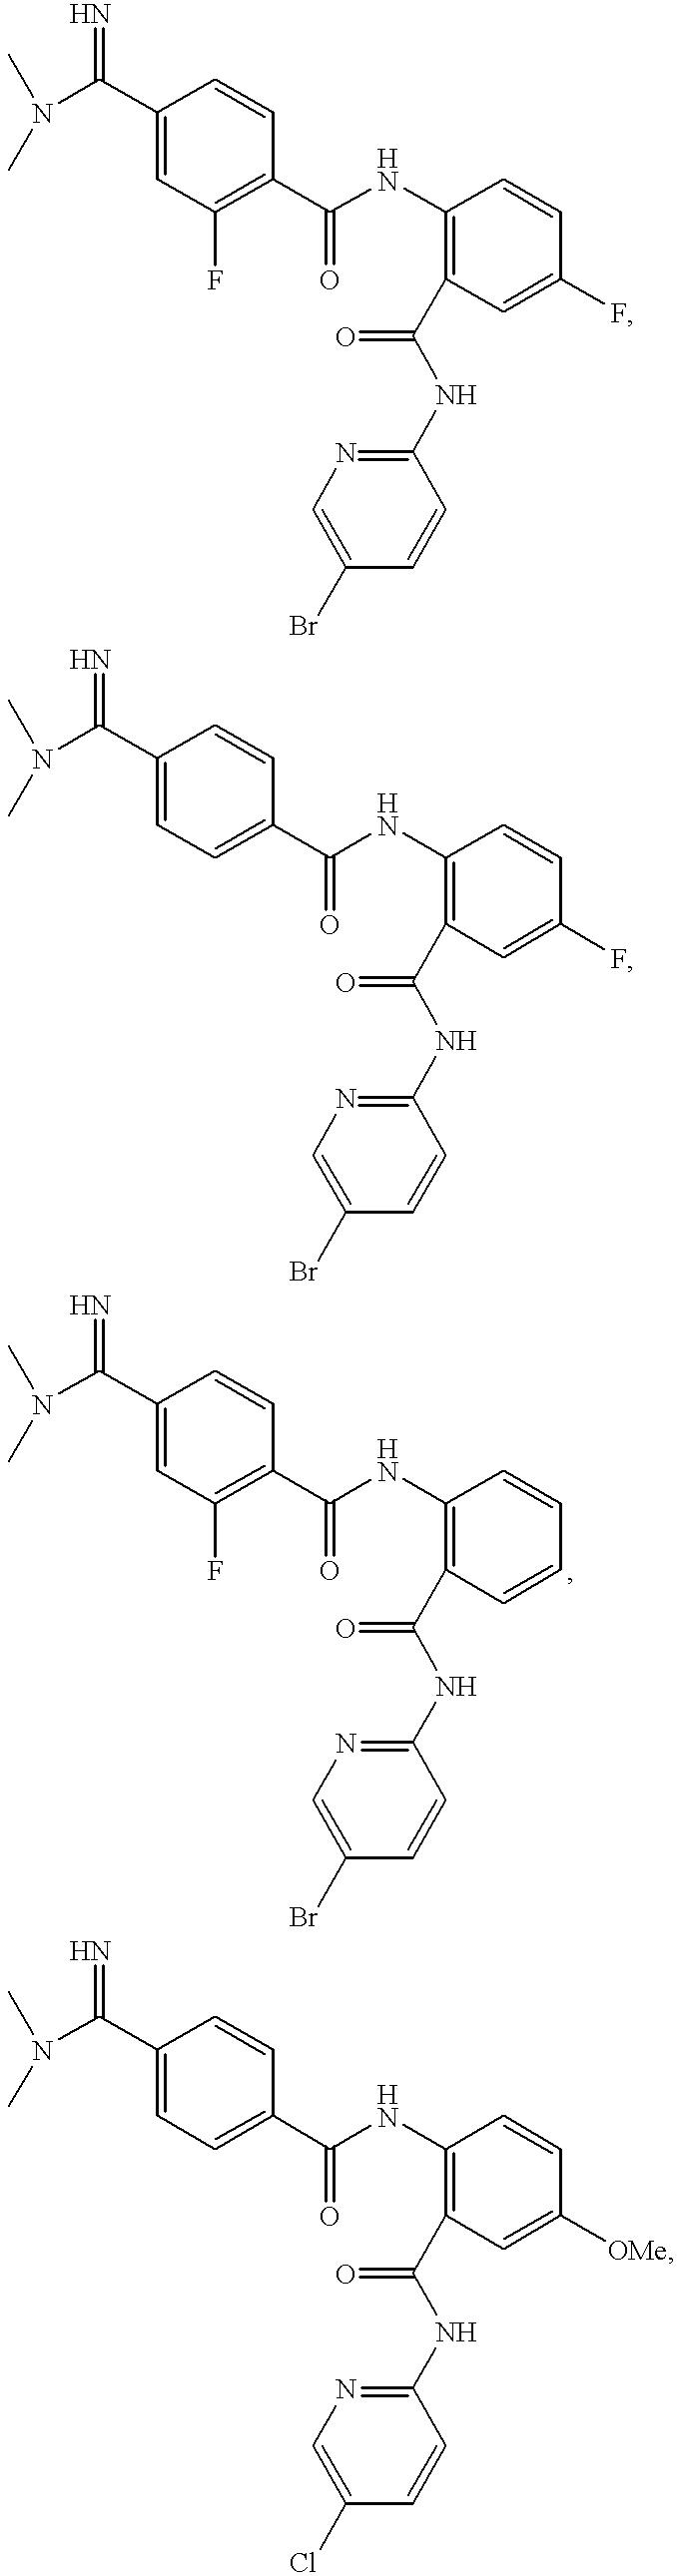 Figure US06376515-20020423-C00047